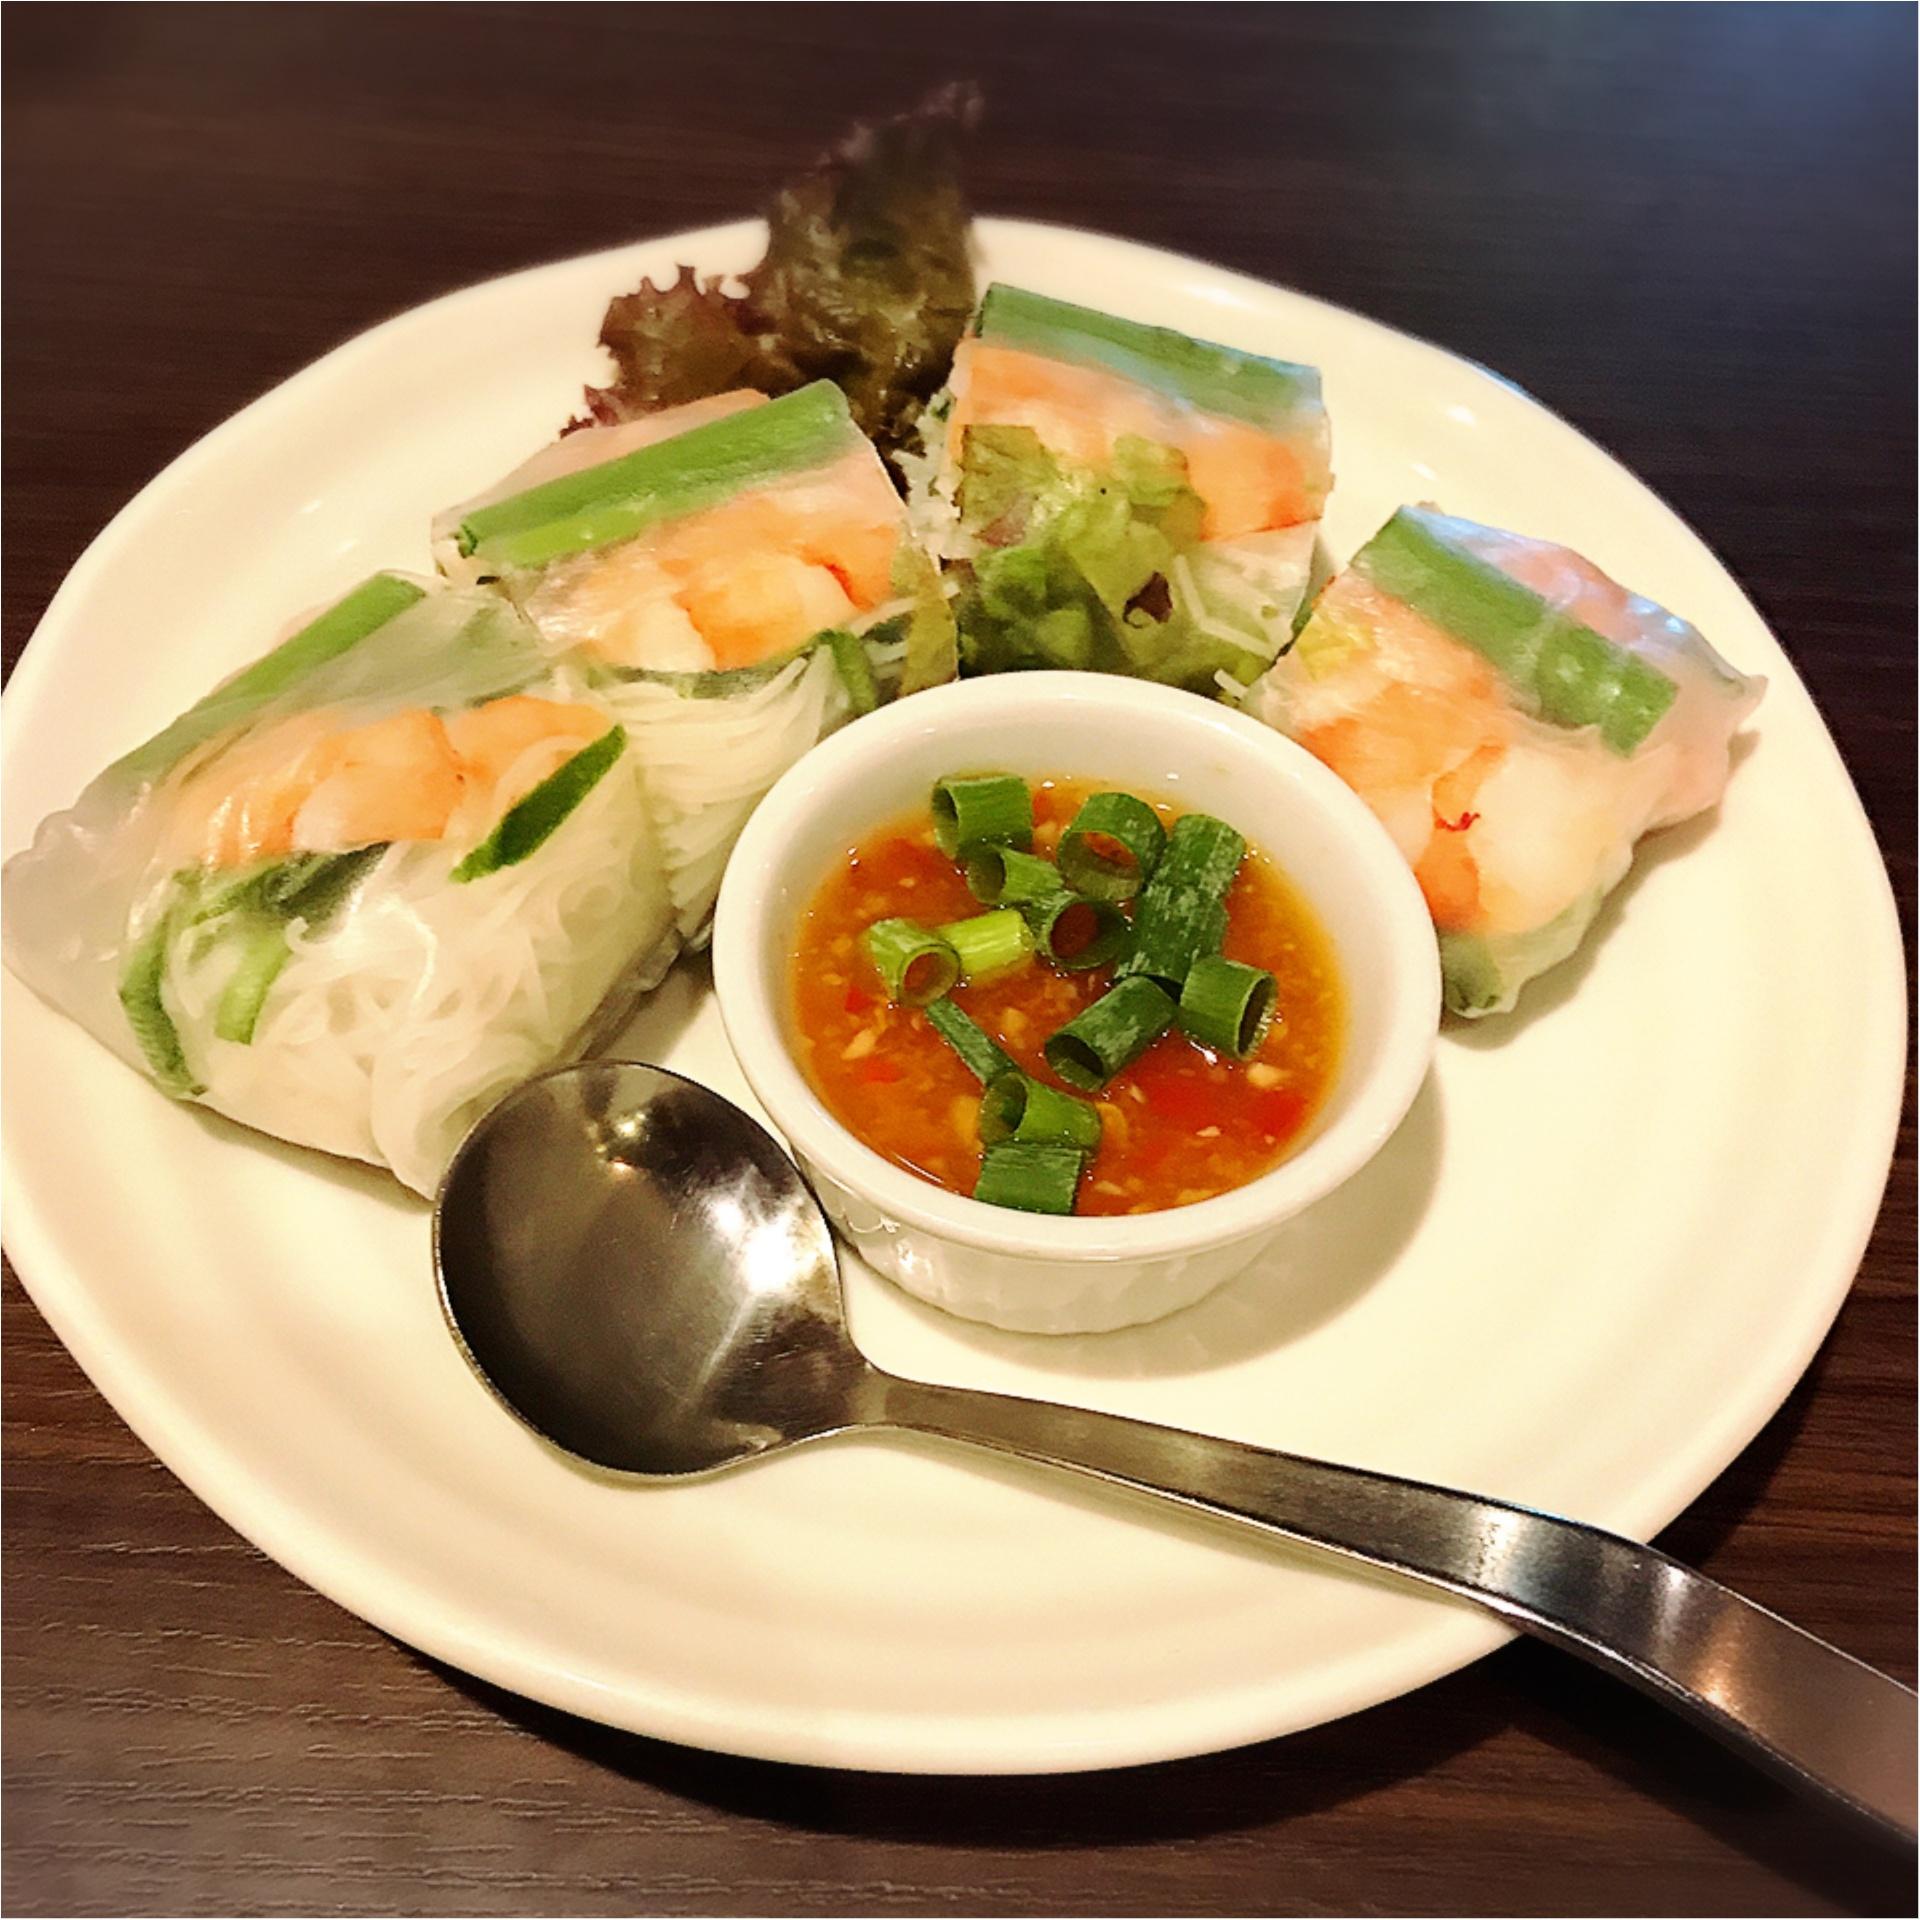 ★残暑はまだまだ続きます!辛党の私がオススメする『タイ料理』で夏の暑さを吹っ飛ばそう!★_4